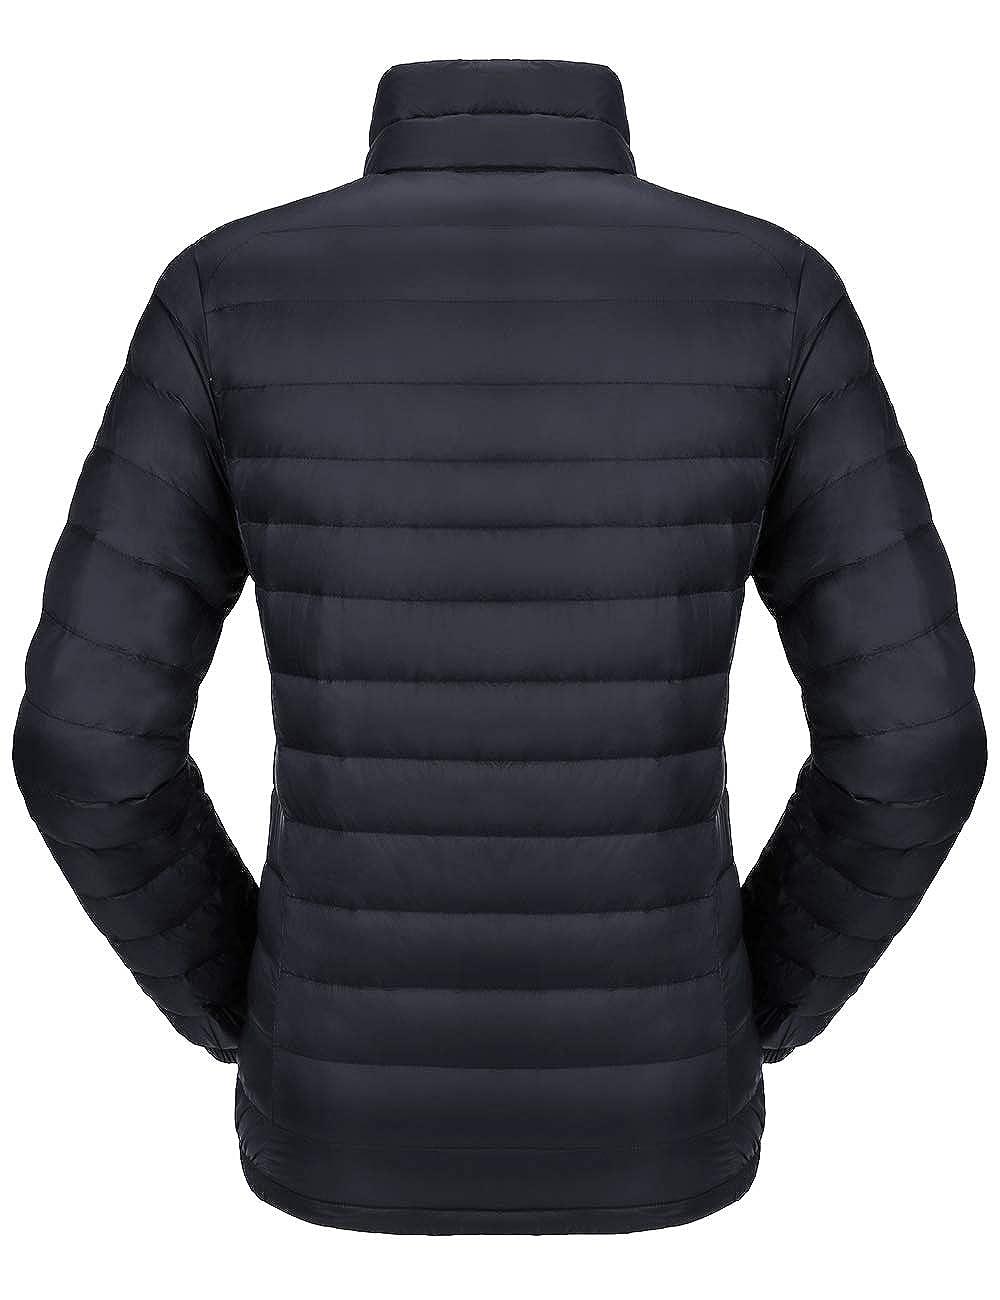 Camel Womens Down Jacket Lightweight Packable Puffer Down Coats Short Parka Jackets Winter Coats with 4 Pockets